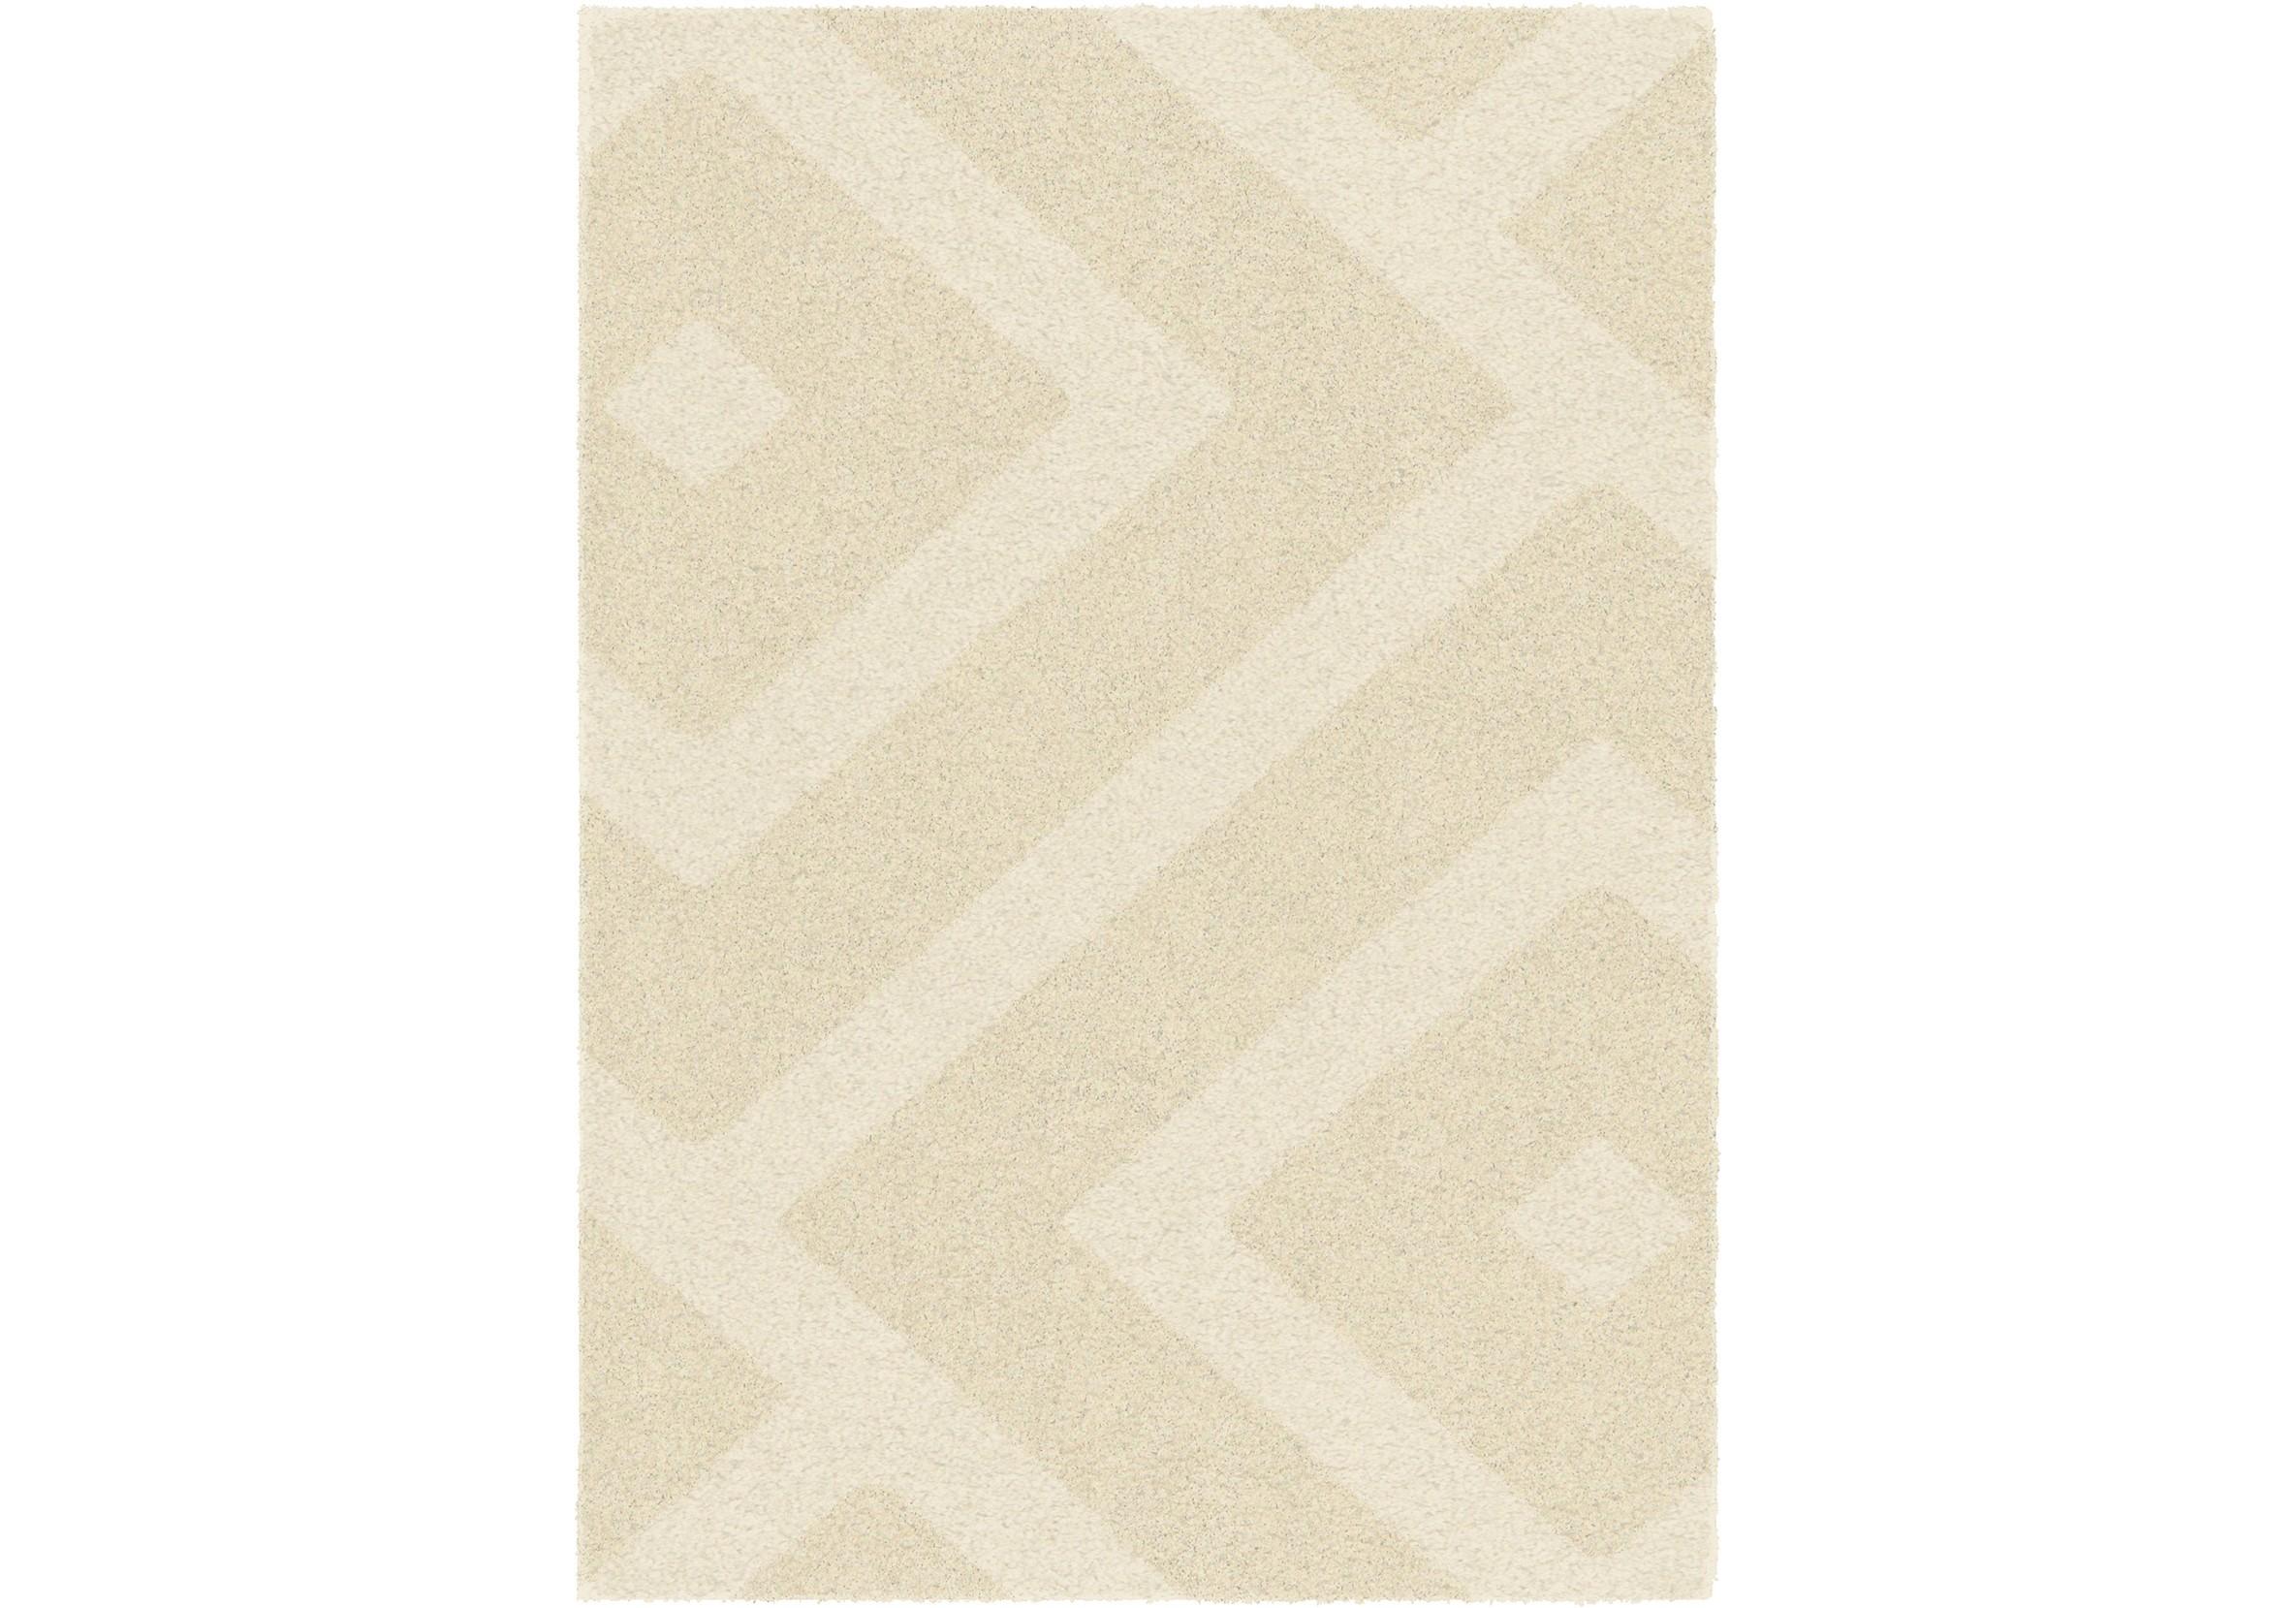 Ковер Luxury Cosy 230х160Прямоугольные ковры<br>Достаточно высокий ворс и разная плотность ковра, из-за чего проявляется рисунок.&amp;lt;div&amp;gt;Материал: 100% Полипропилен.&amp;lt;br&amp;gt;&amp;lt;/div&amp;gt;<br><br>Material: Текстиль<br>Ширина см: 230<br>Глубина см: 160